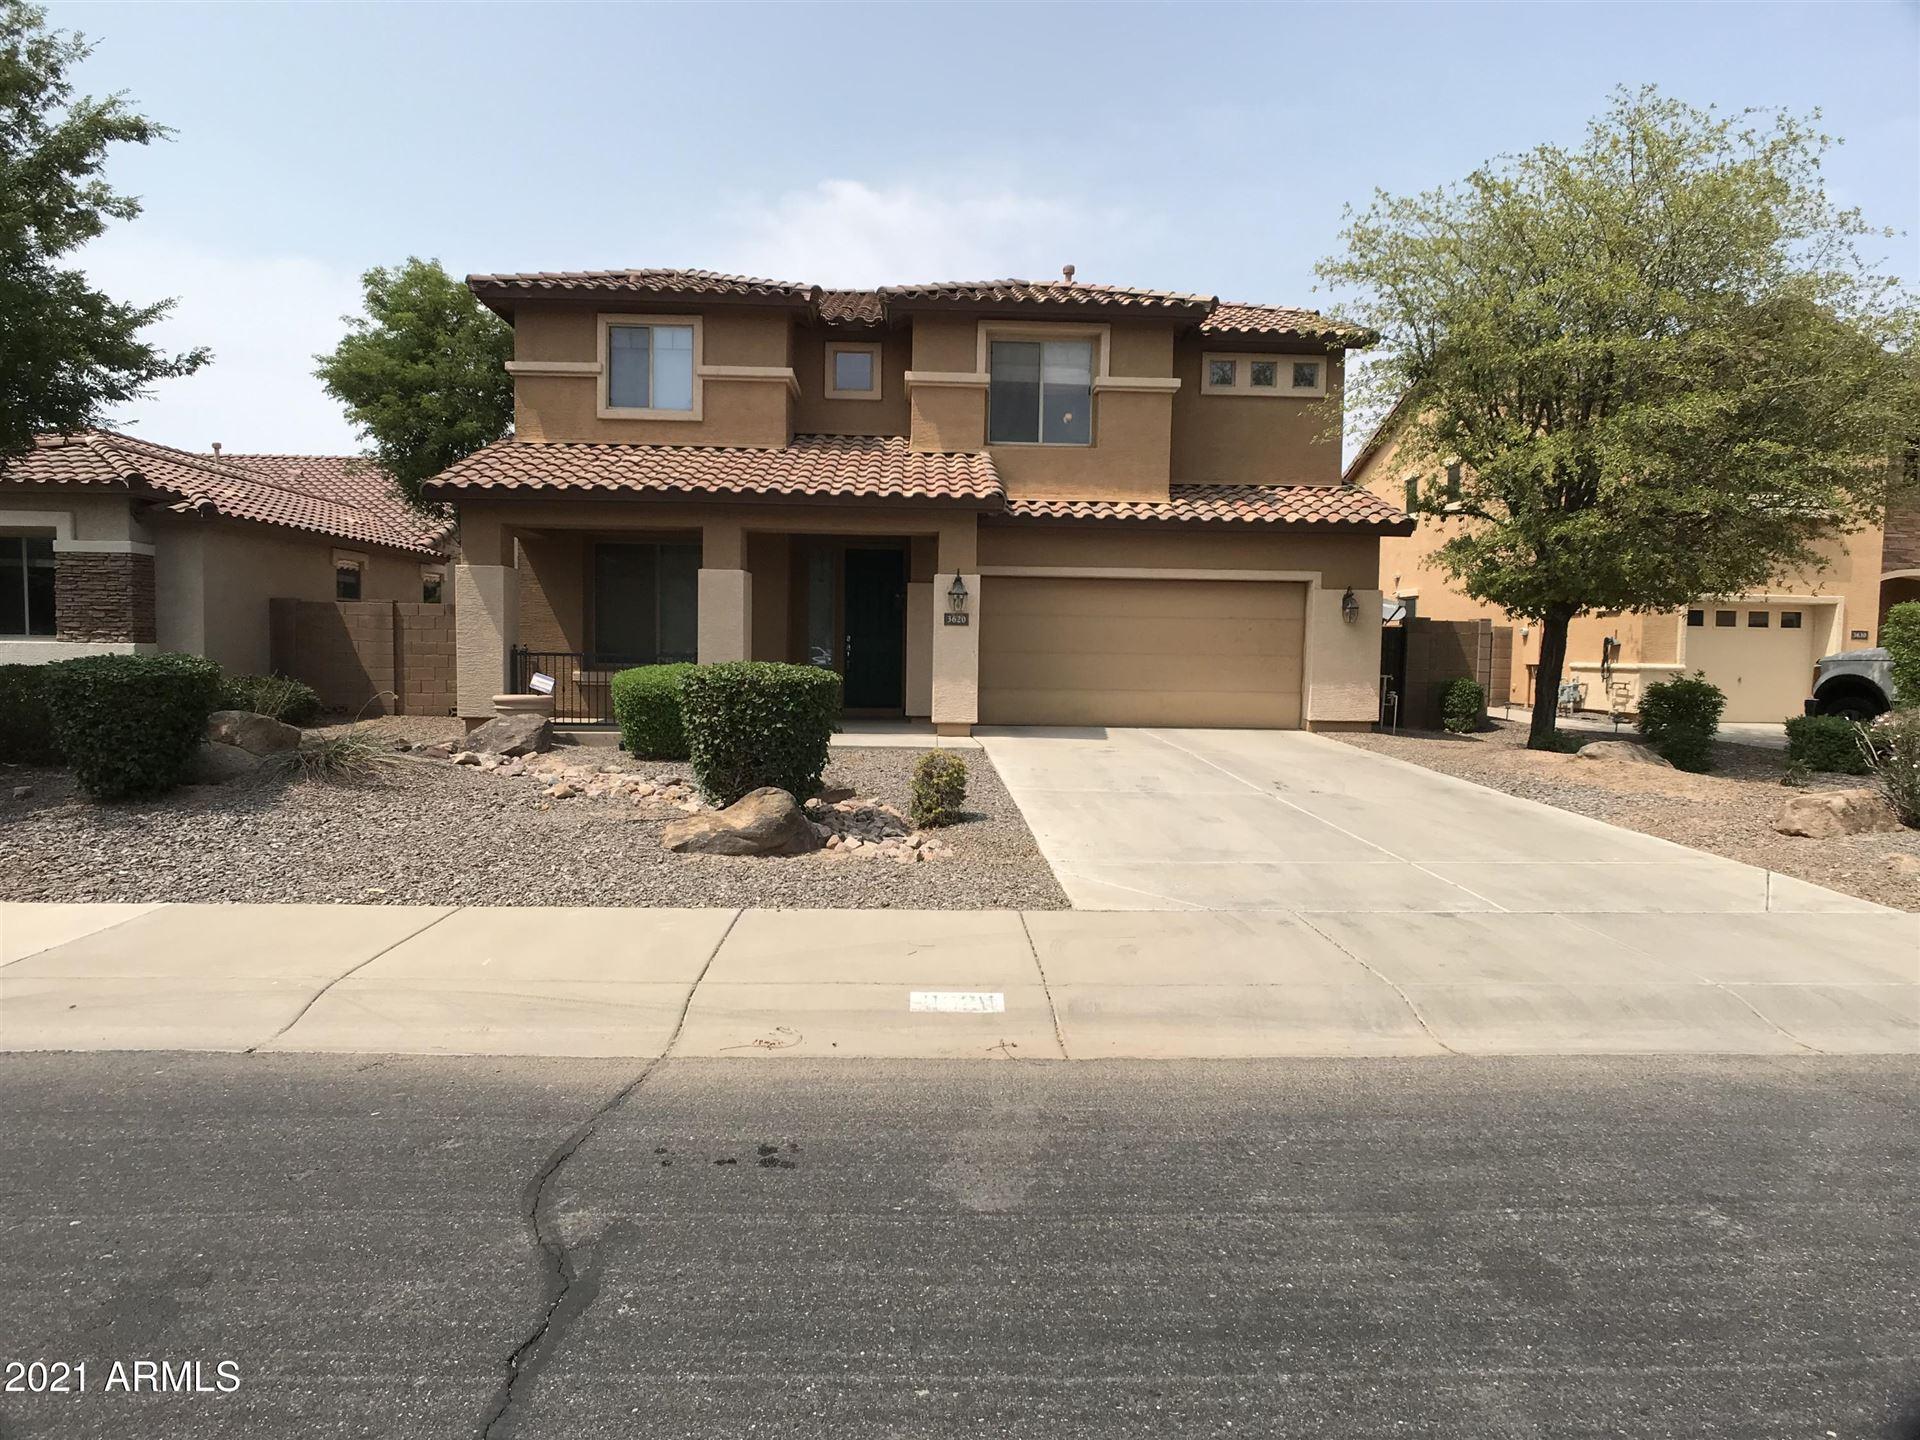 Photo of 3620 E KINGBIRD Place, Chandler, AZ 85286 (MLS # 6268888)